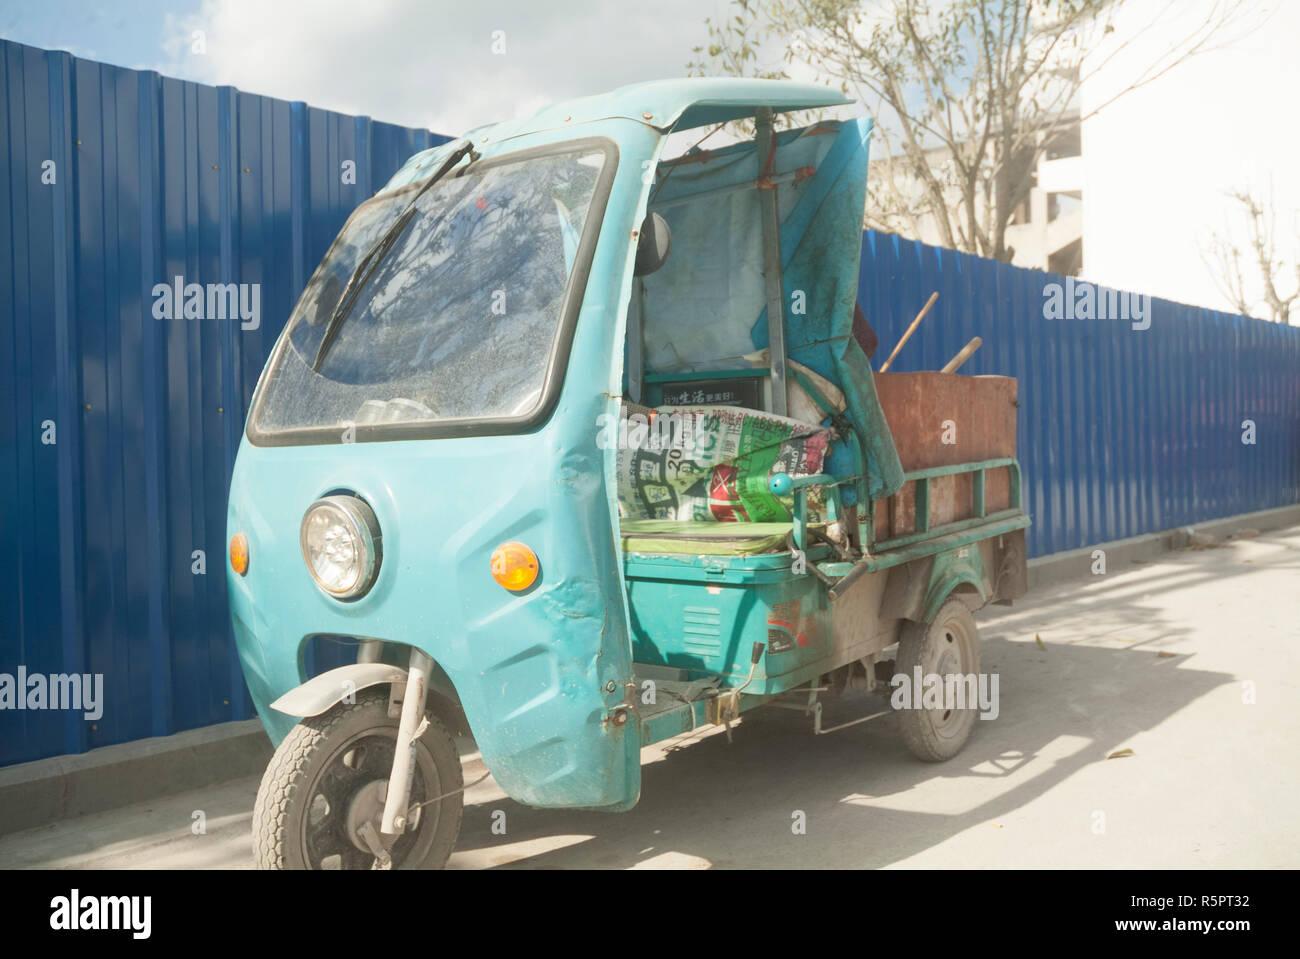 Ecco una foto di un tre ruote scooter in Cina. Foto Stock